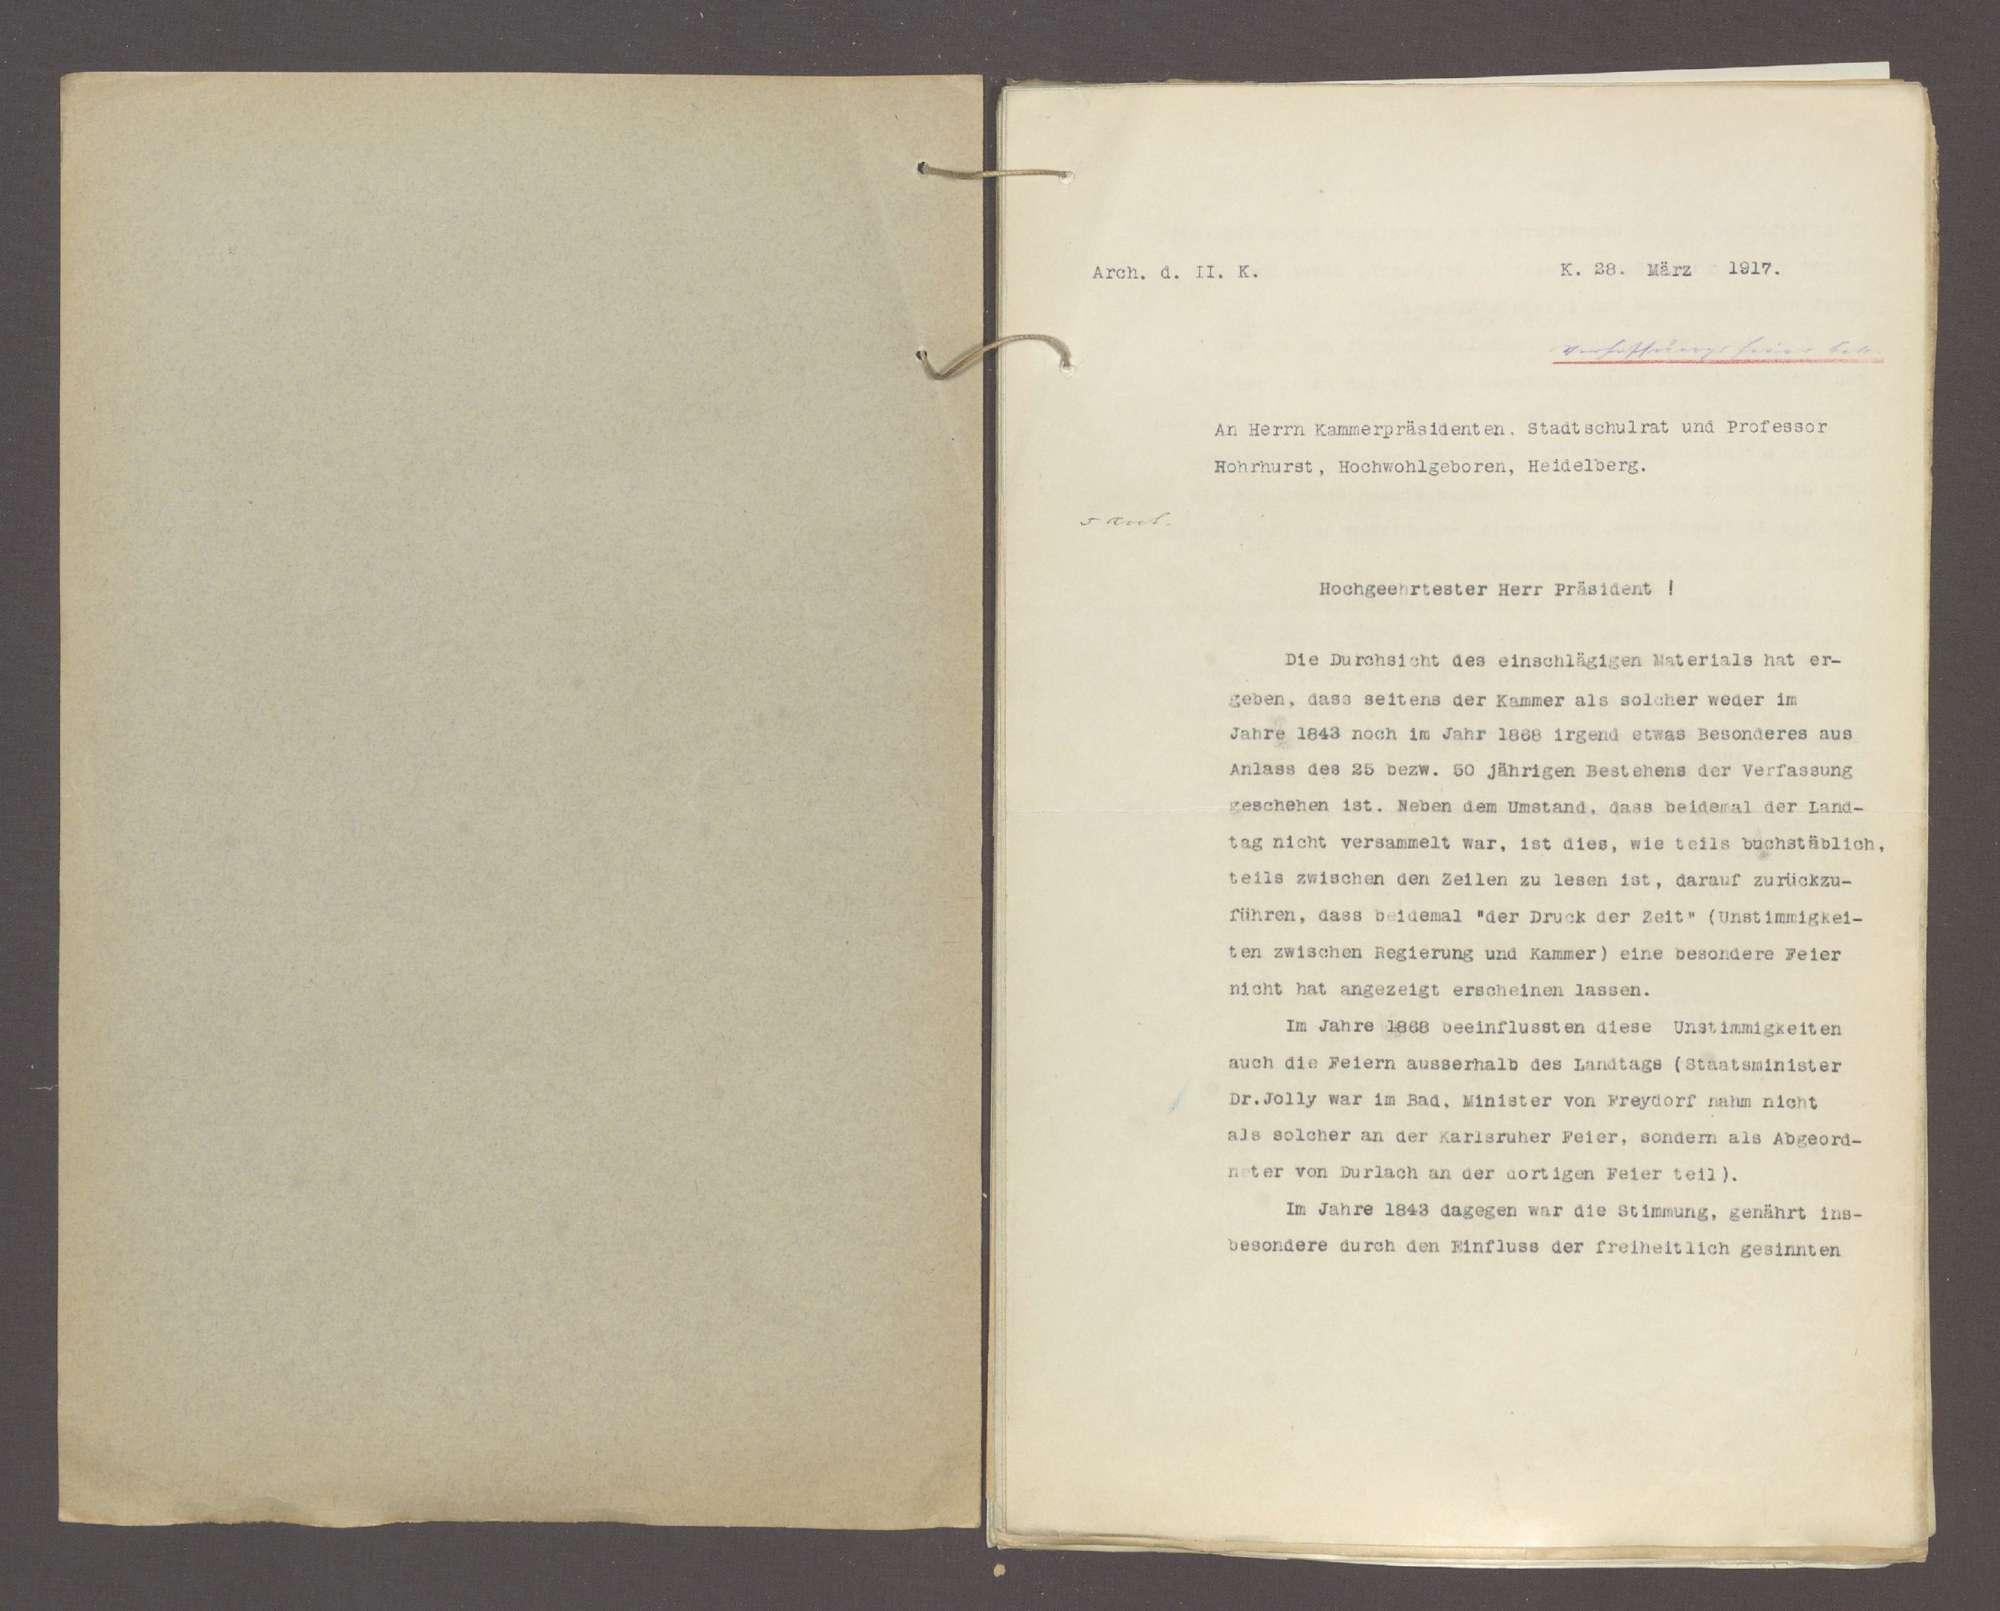 Die Begehung der 100jährigen Verfassungsfeier btr., Bild 2